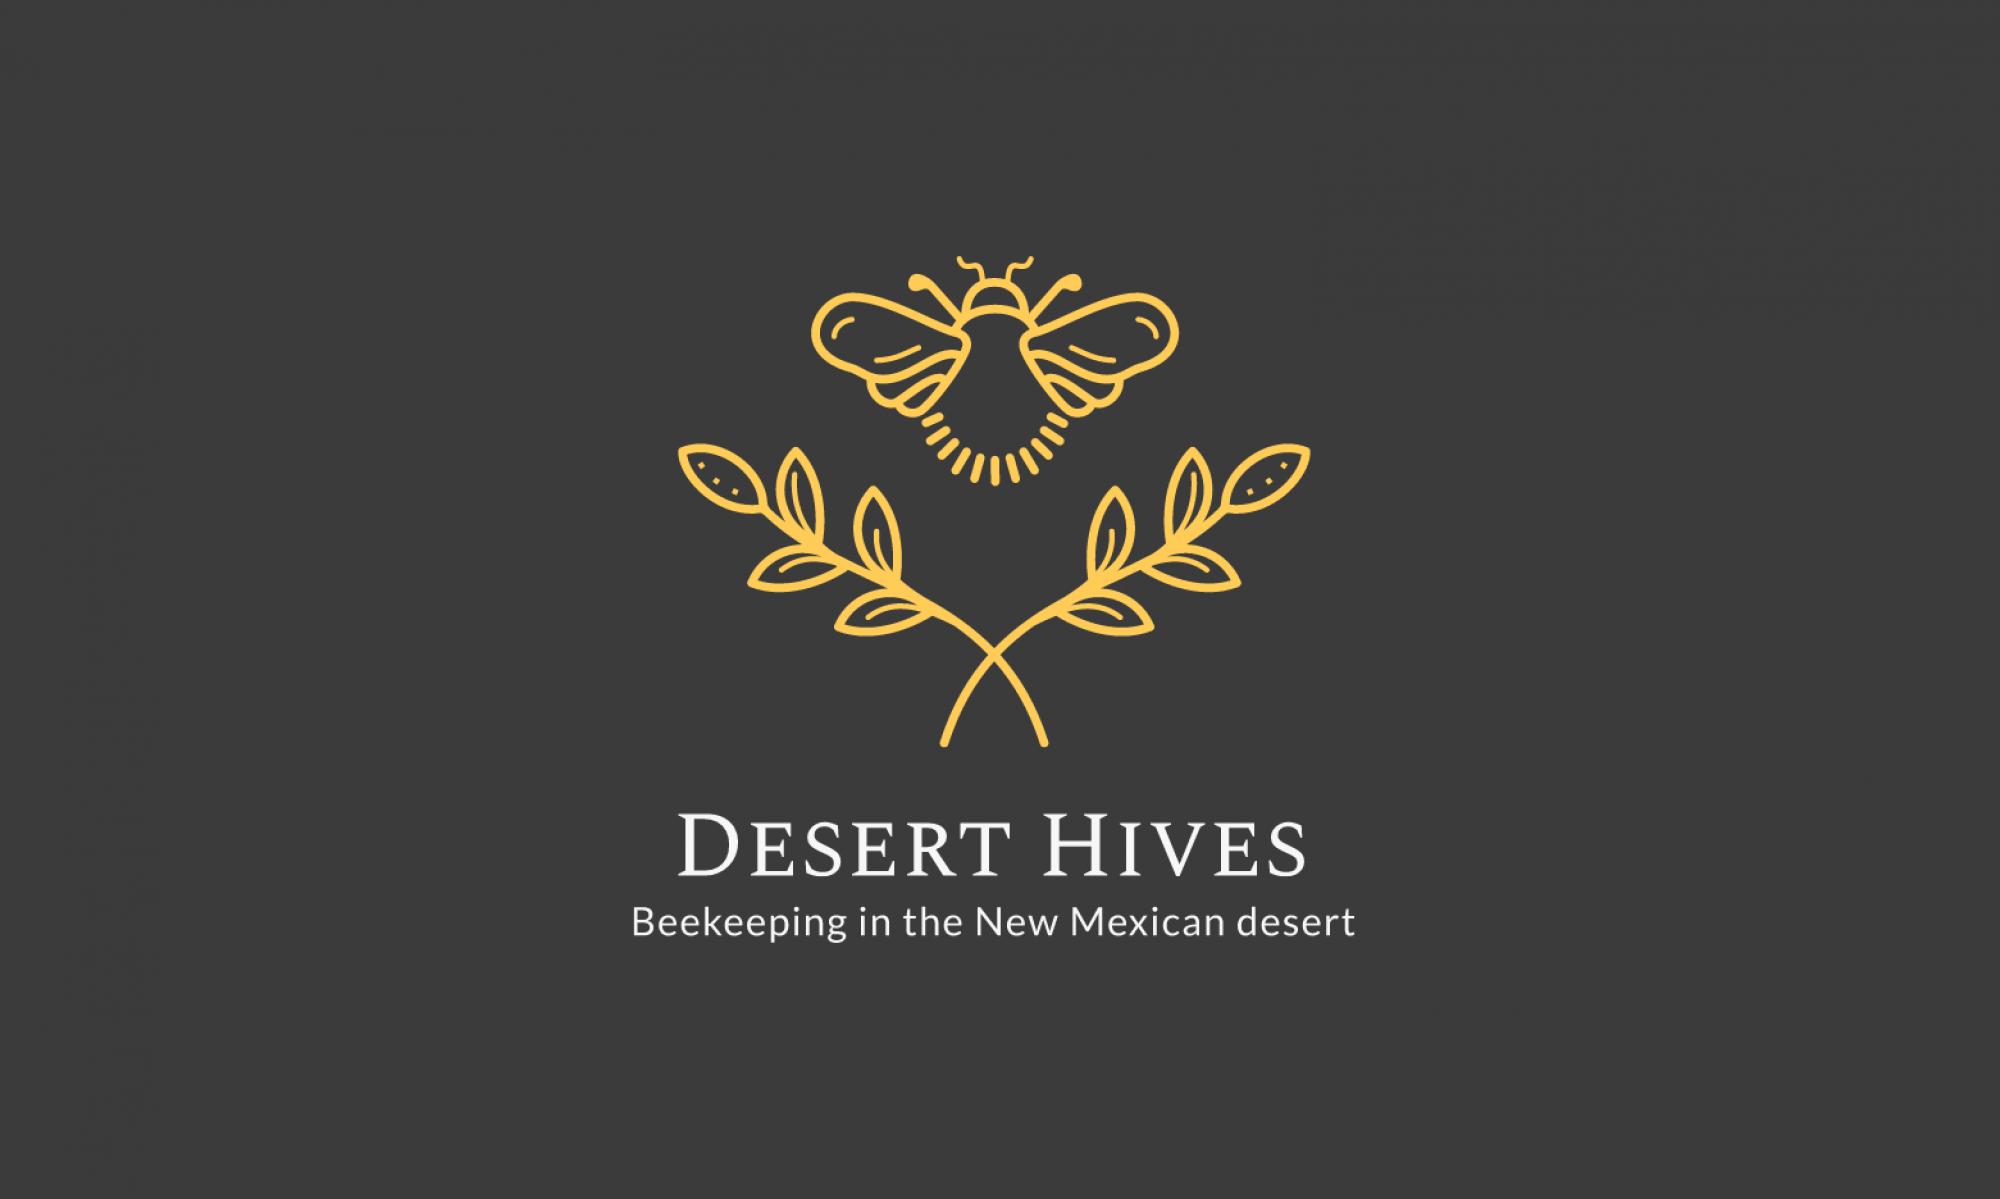 Desert Hives